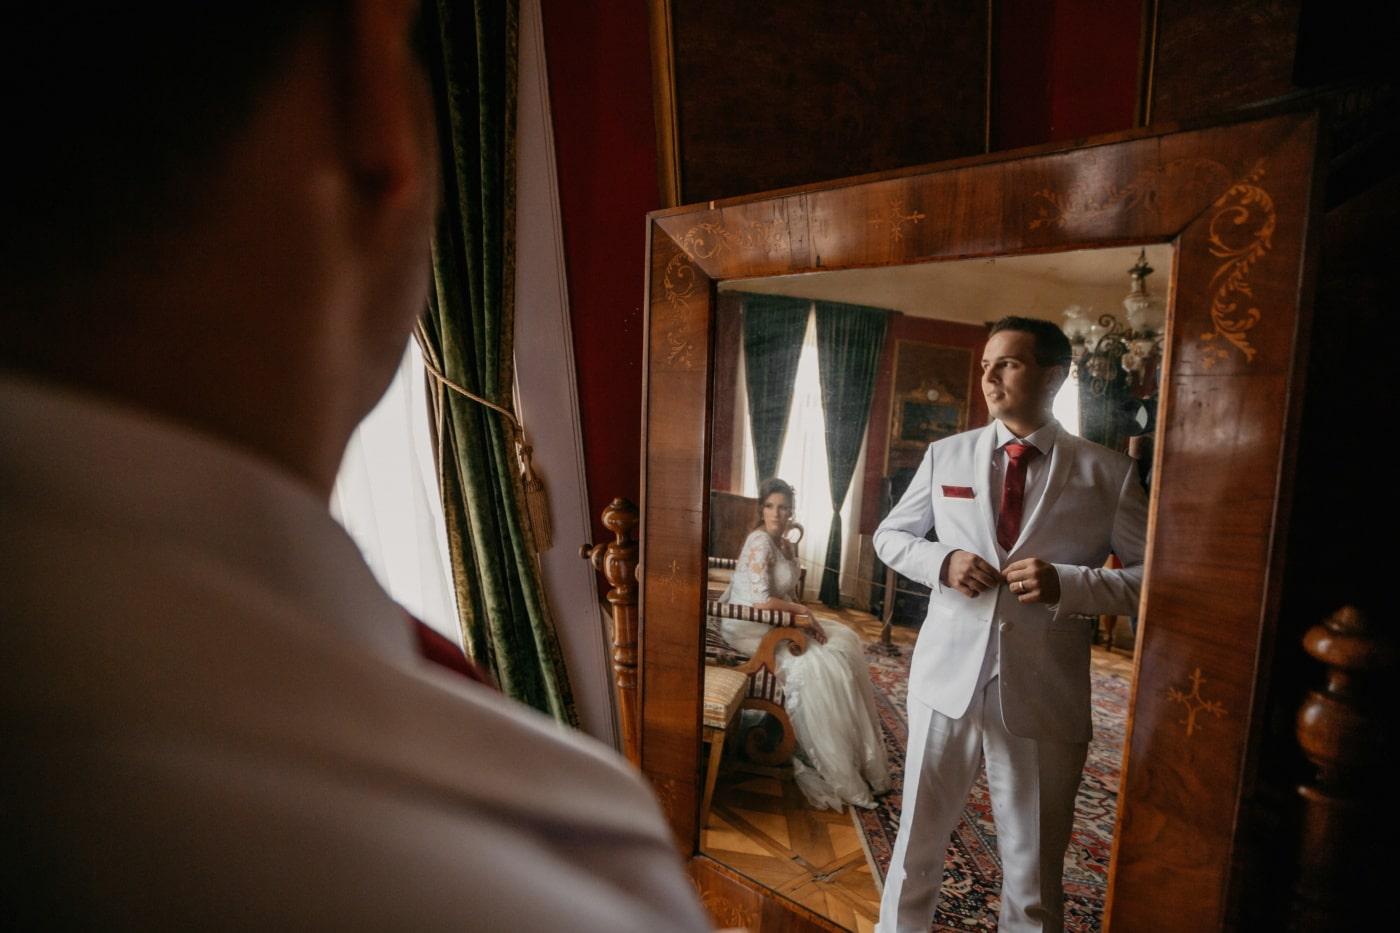 стоячи, Спальня, людина, жінка, сидячи, салон, дзеркало, відбиття, портрет, кімната